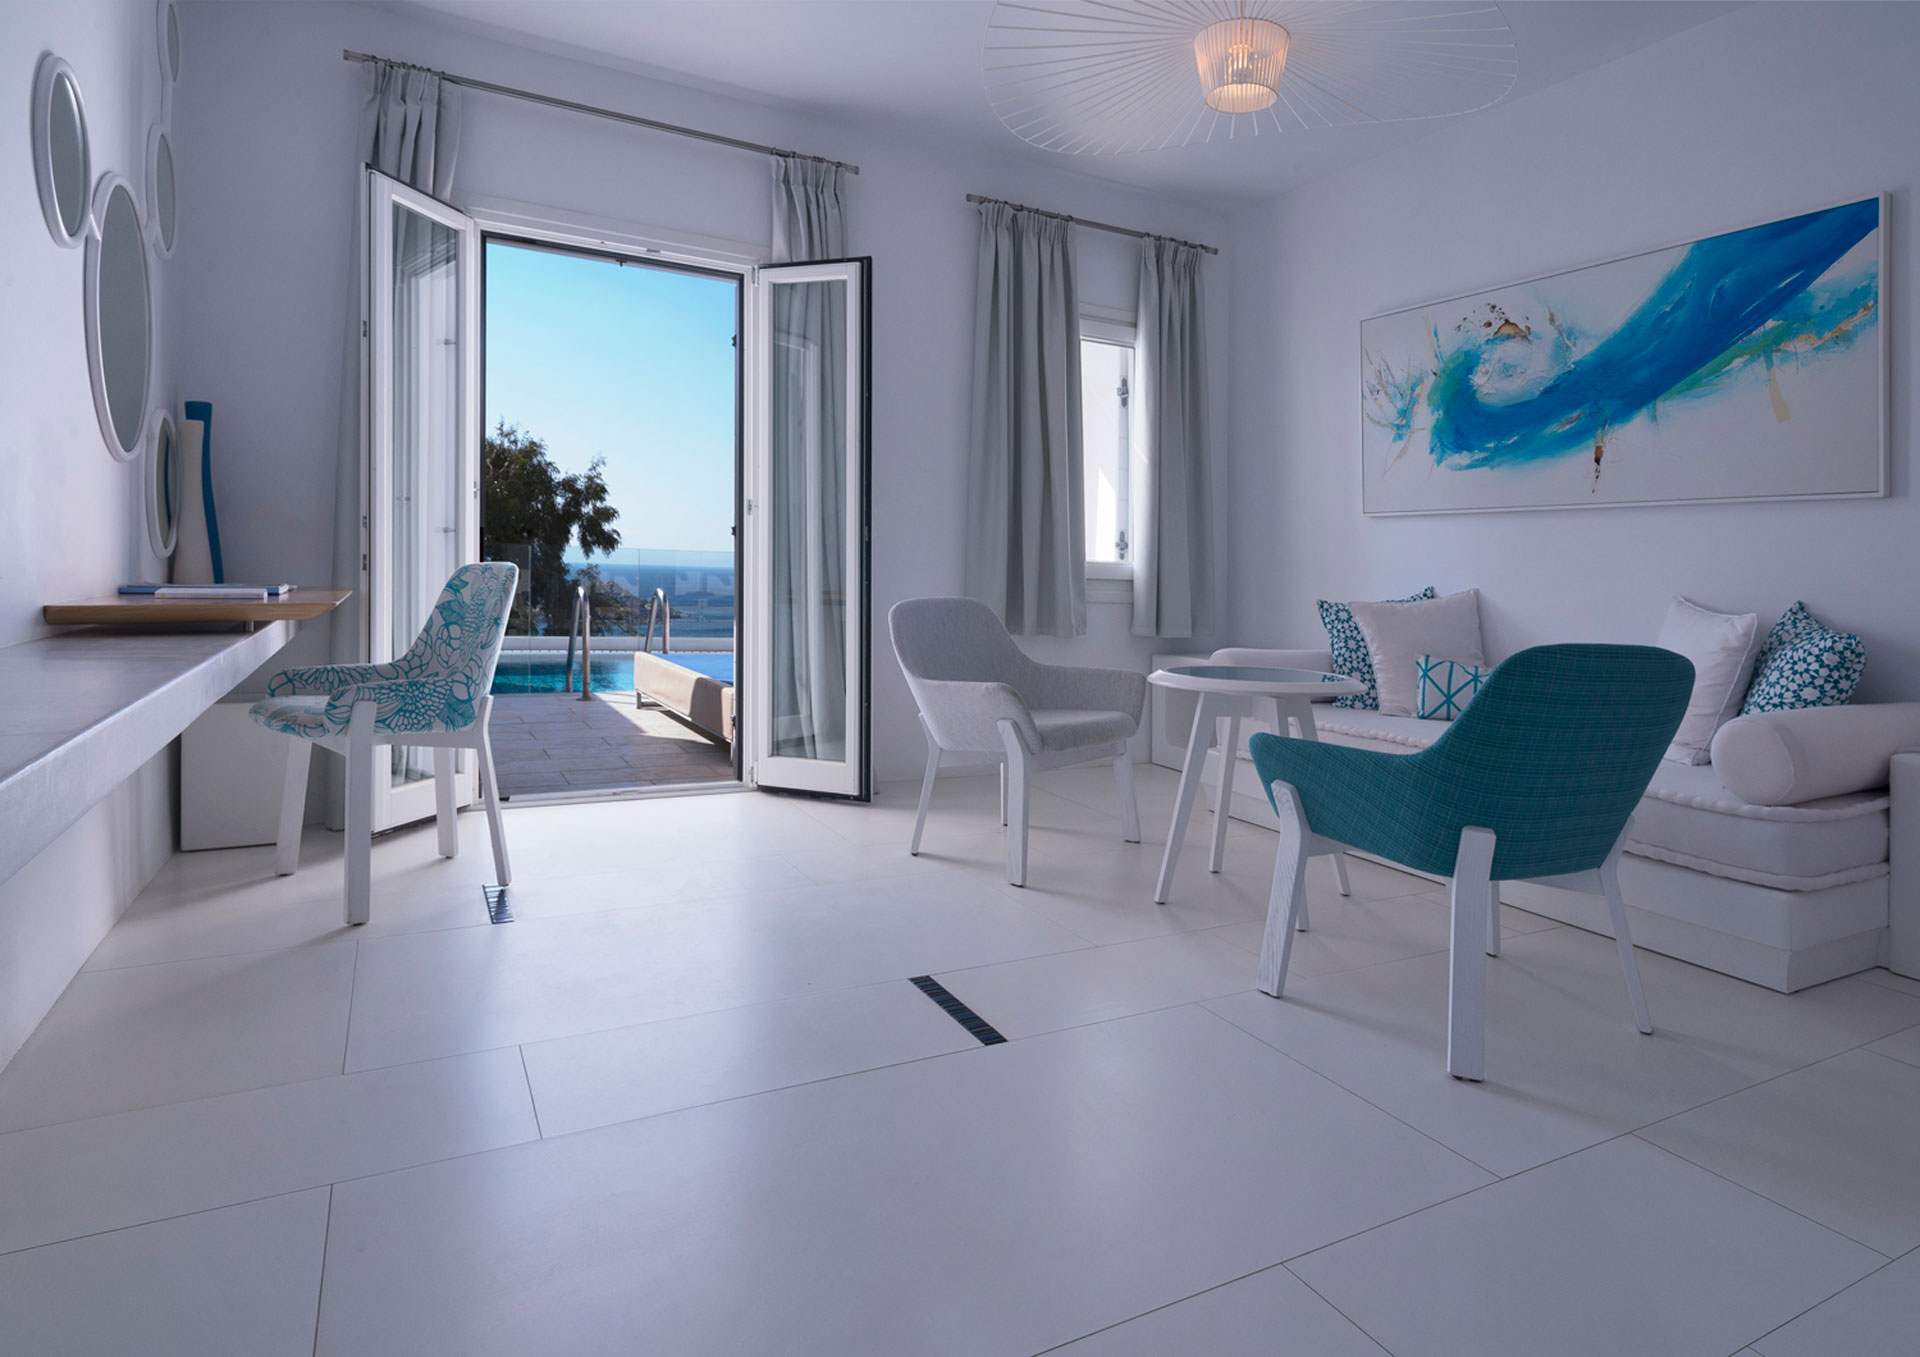 Hotel Di Lusso Interni : Grand hotel a villa feltrinelli un hotel tra i più suntuosi sul garda